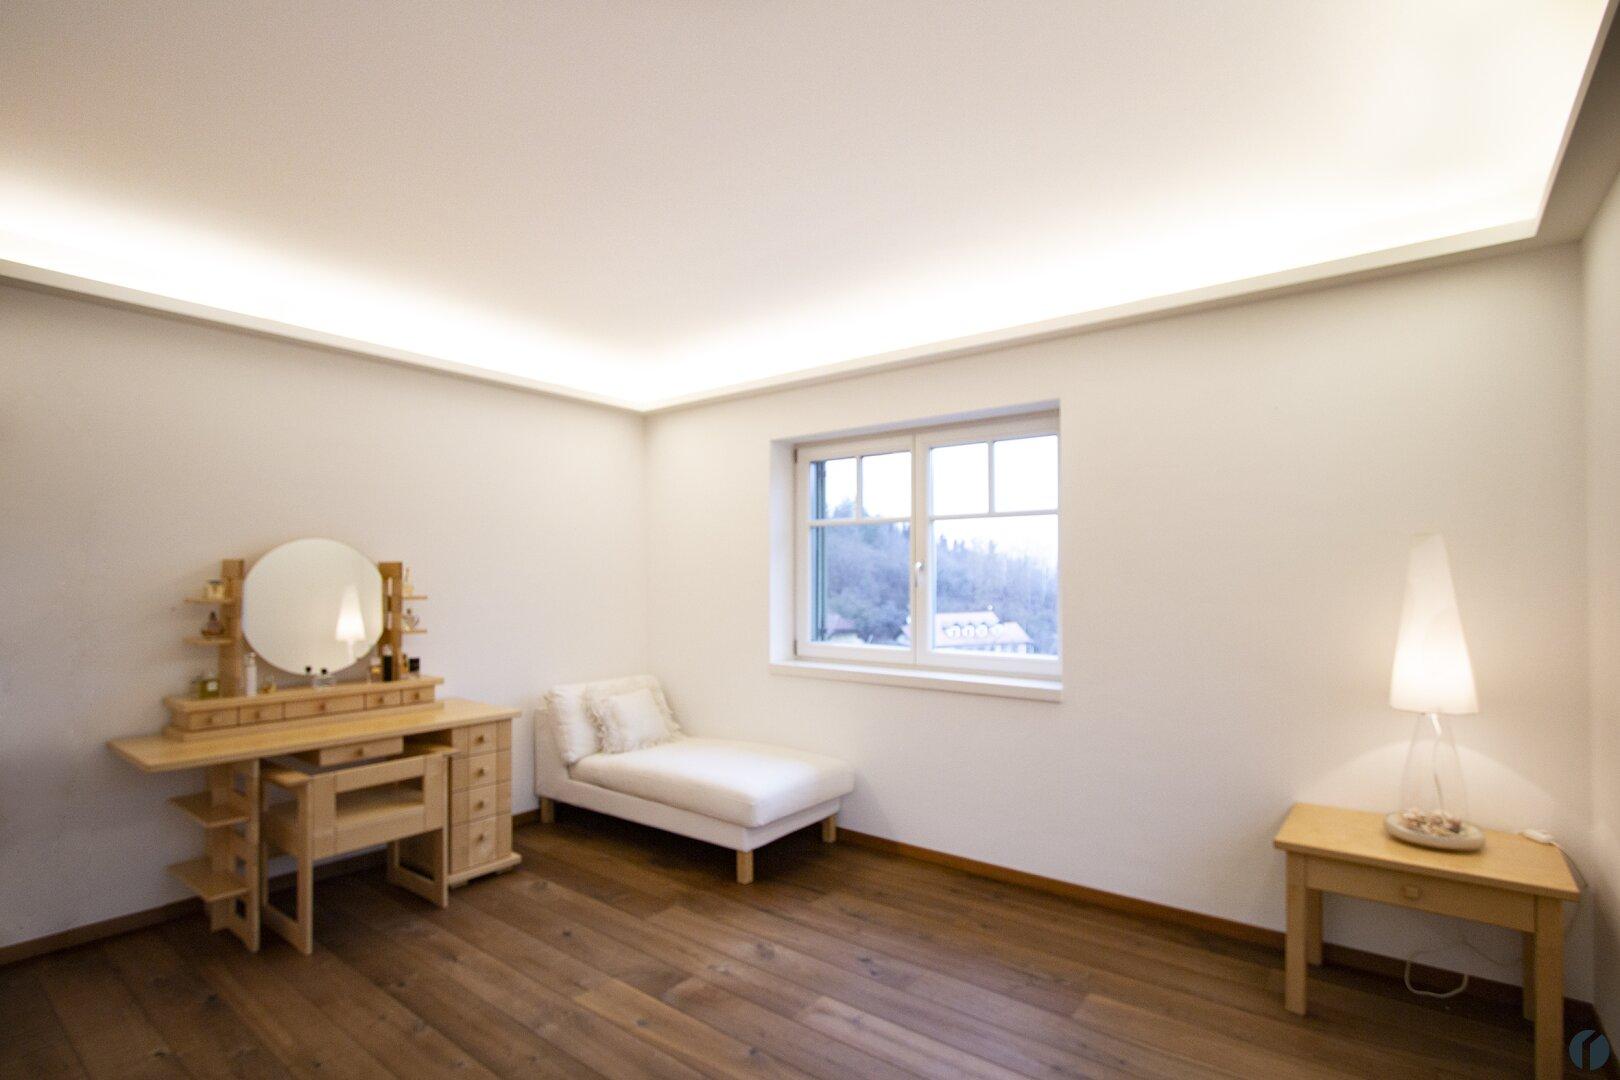 Master Bedroom mit aktivierter Lichtleiste